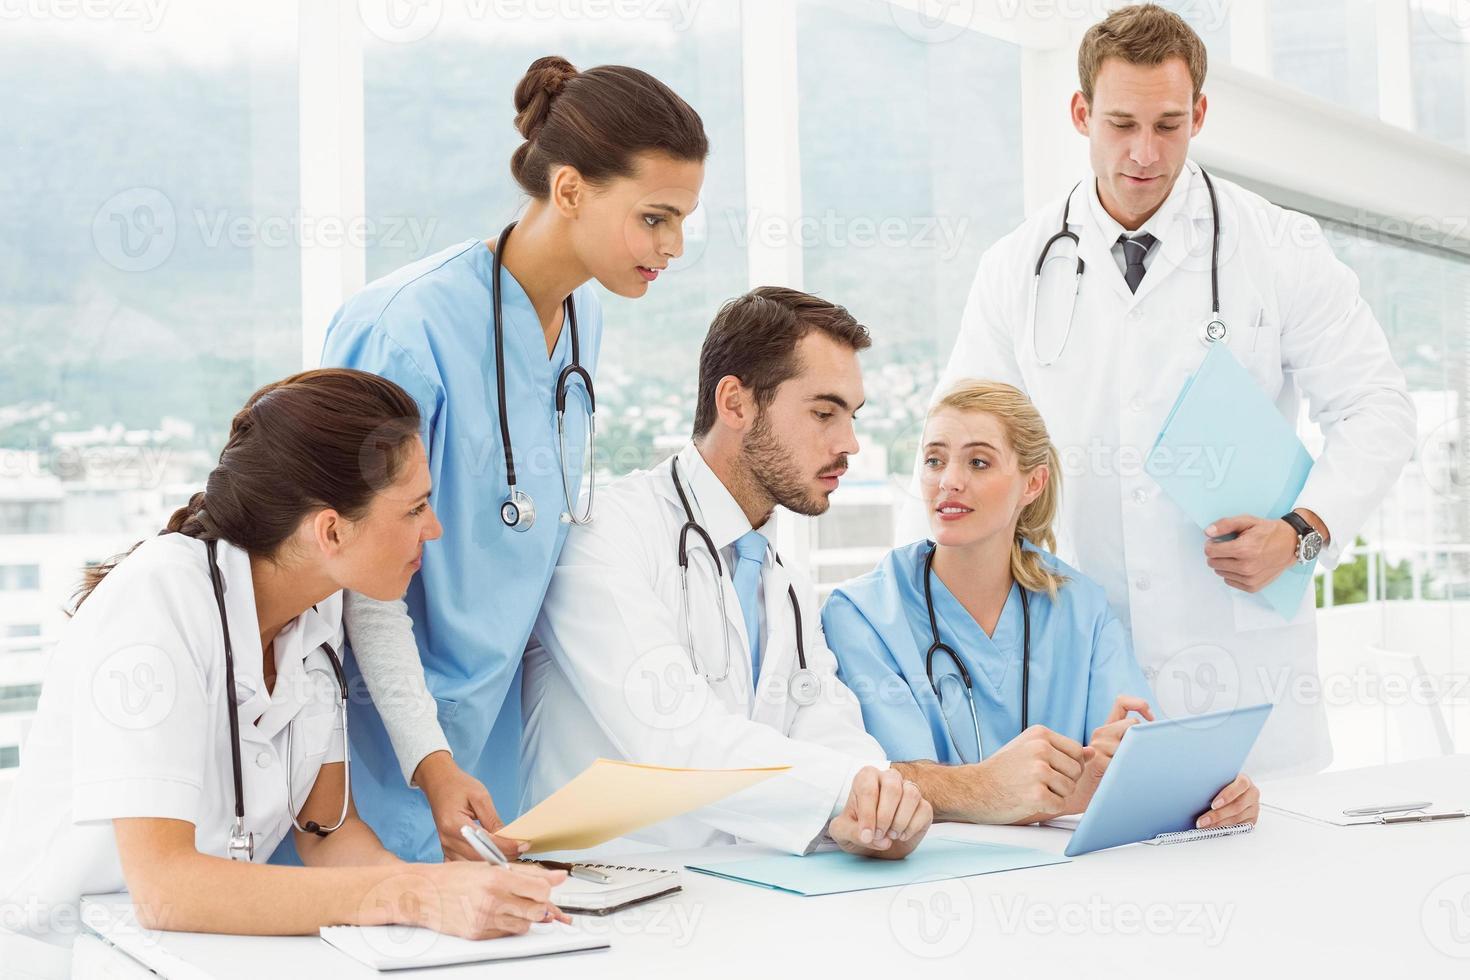 männliche und weibliche Ärzte mit digitalem Tablet foto